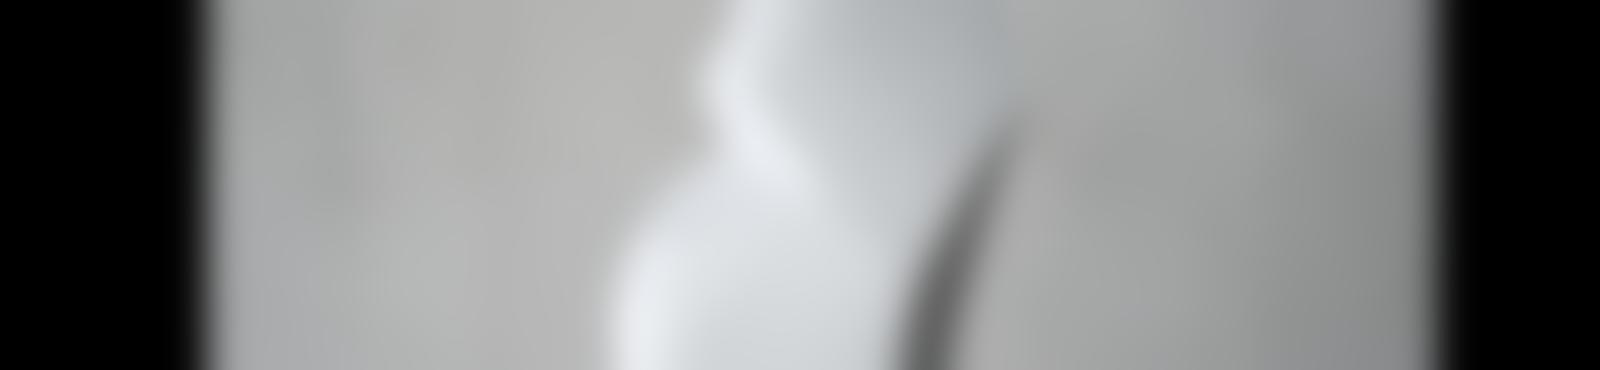 Blurred c5d62165 7f4f 4dec a29f 7a650145f492